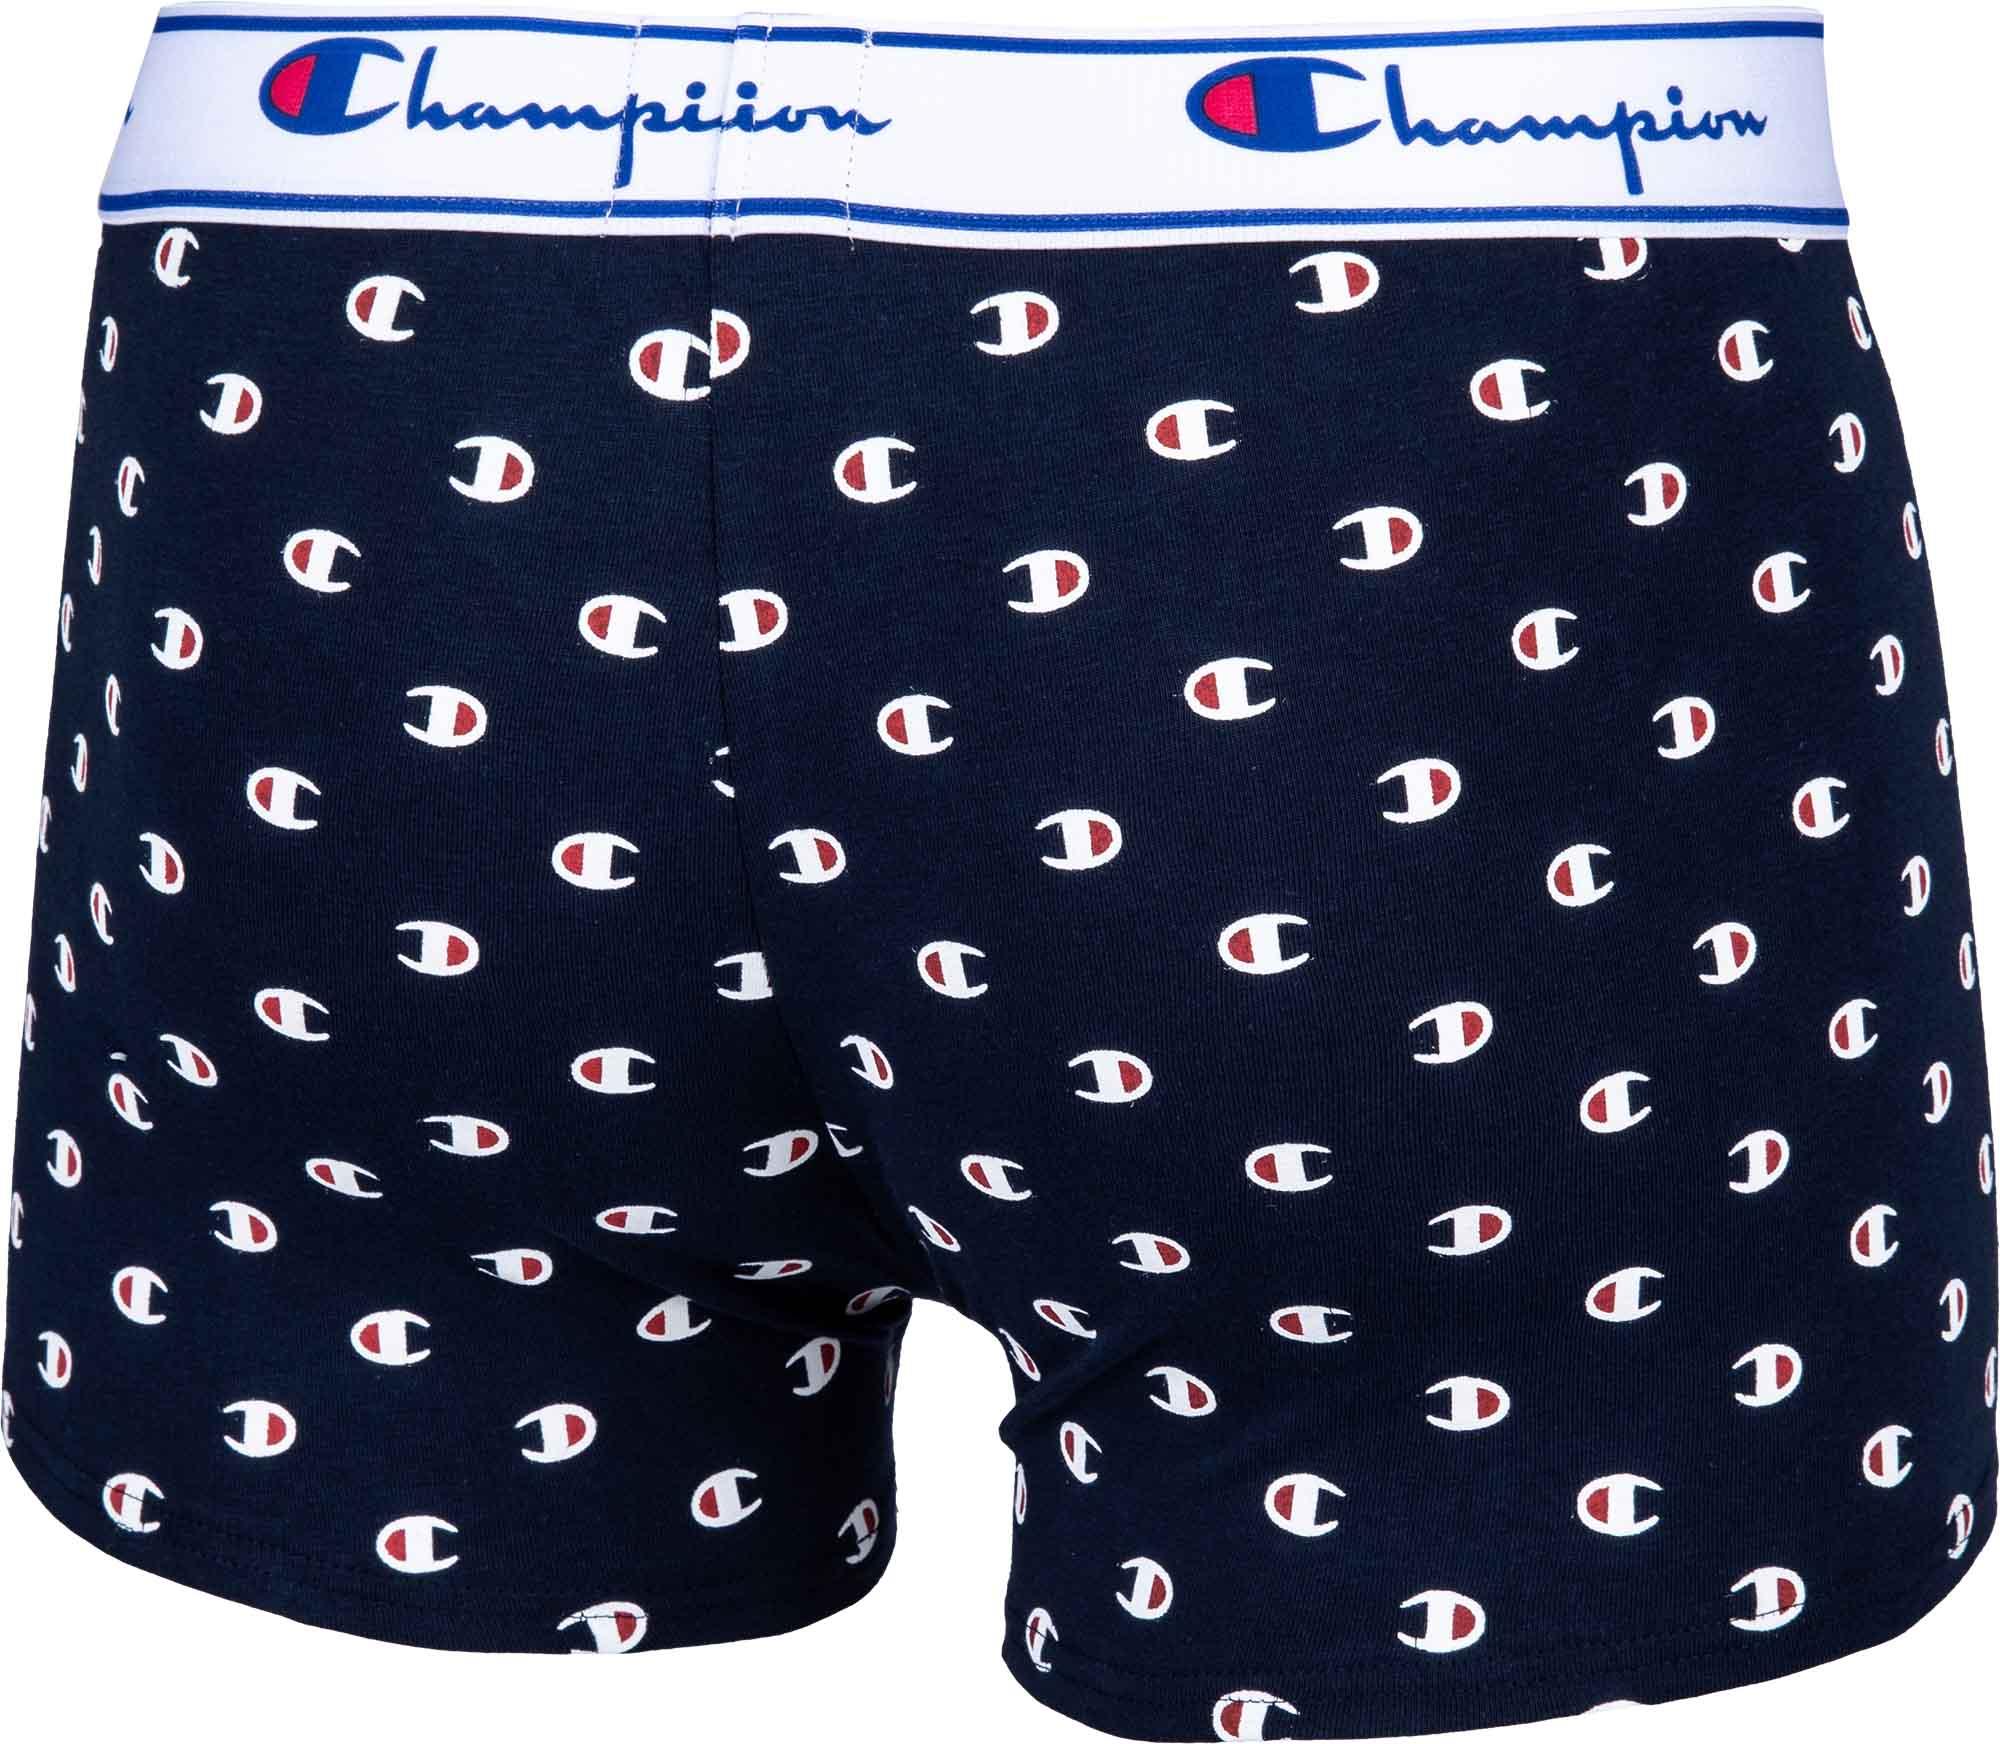 boxerky-champion-legacy-ch00081w-2-001--2-baleni15